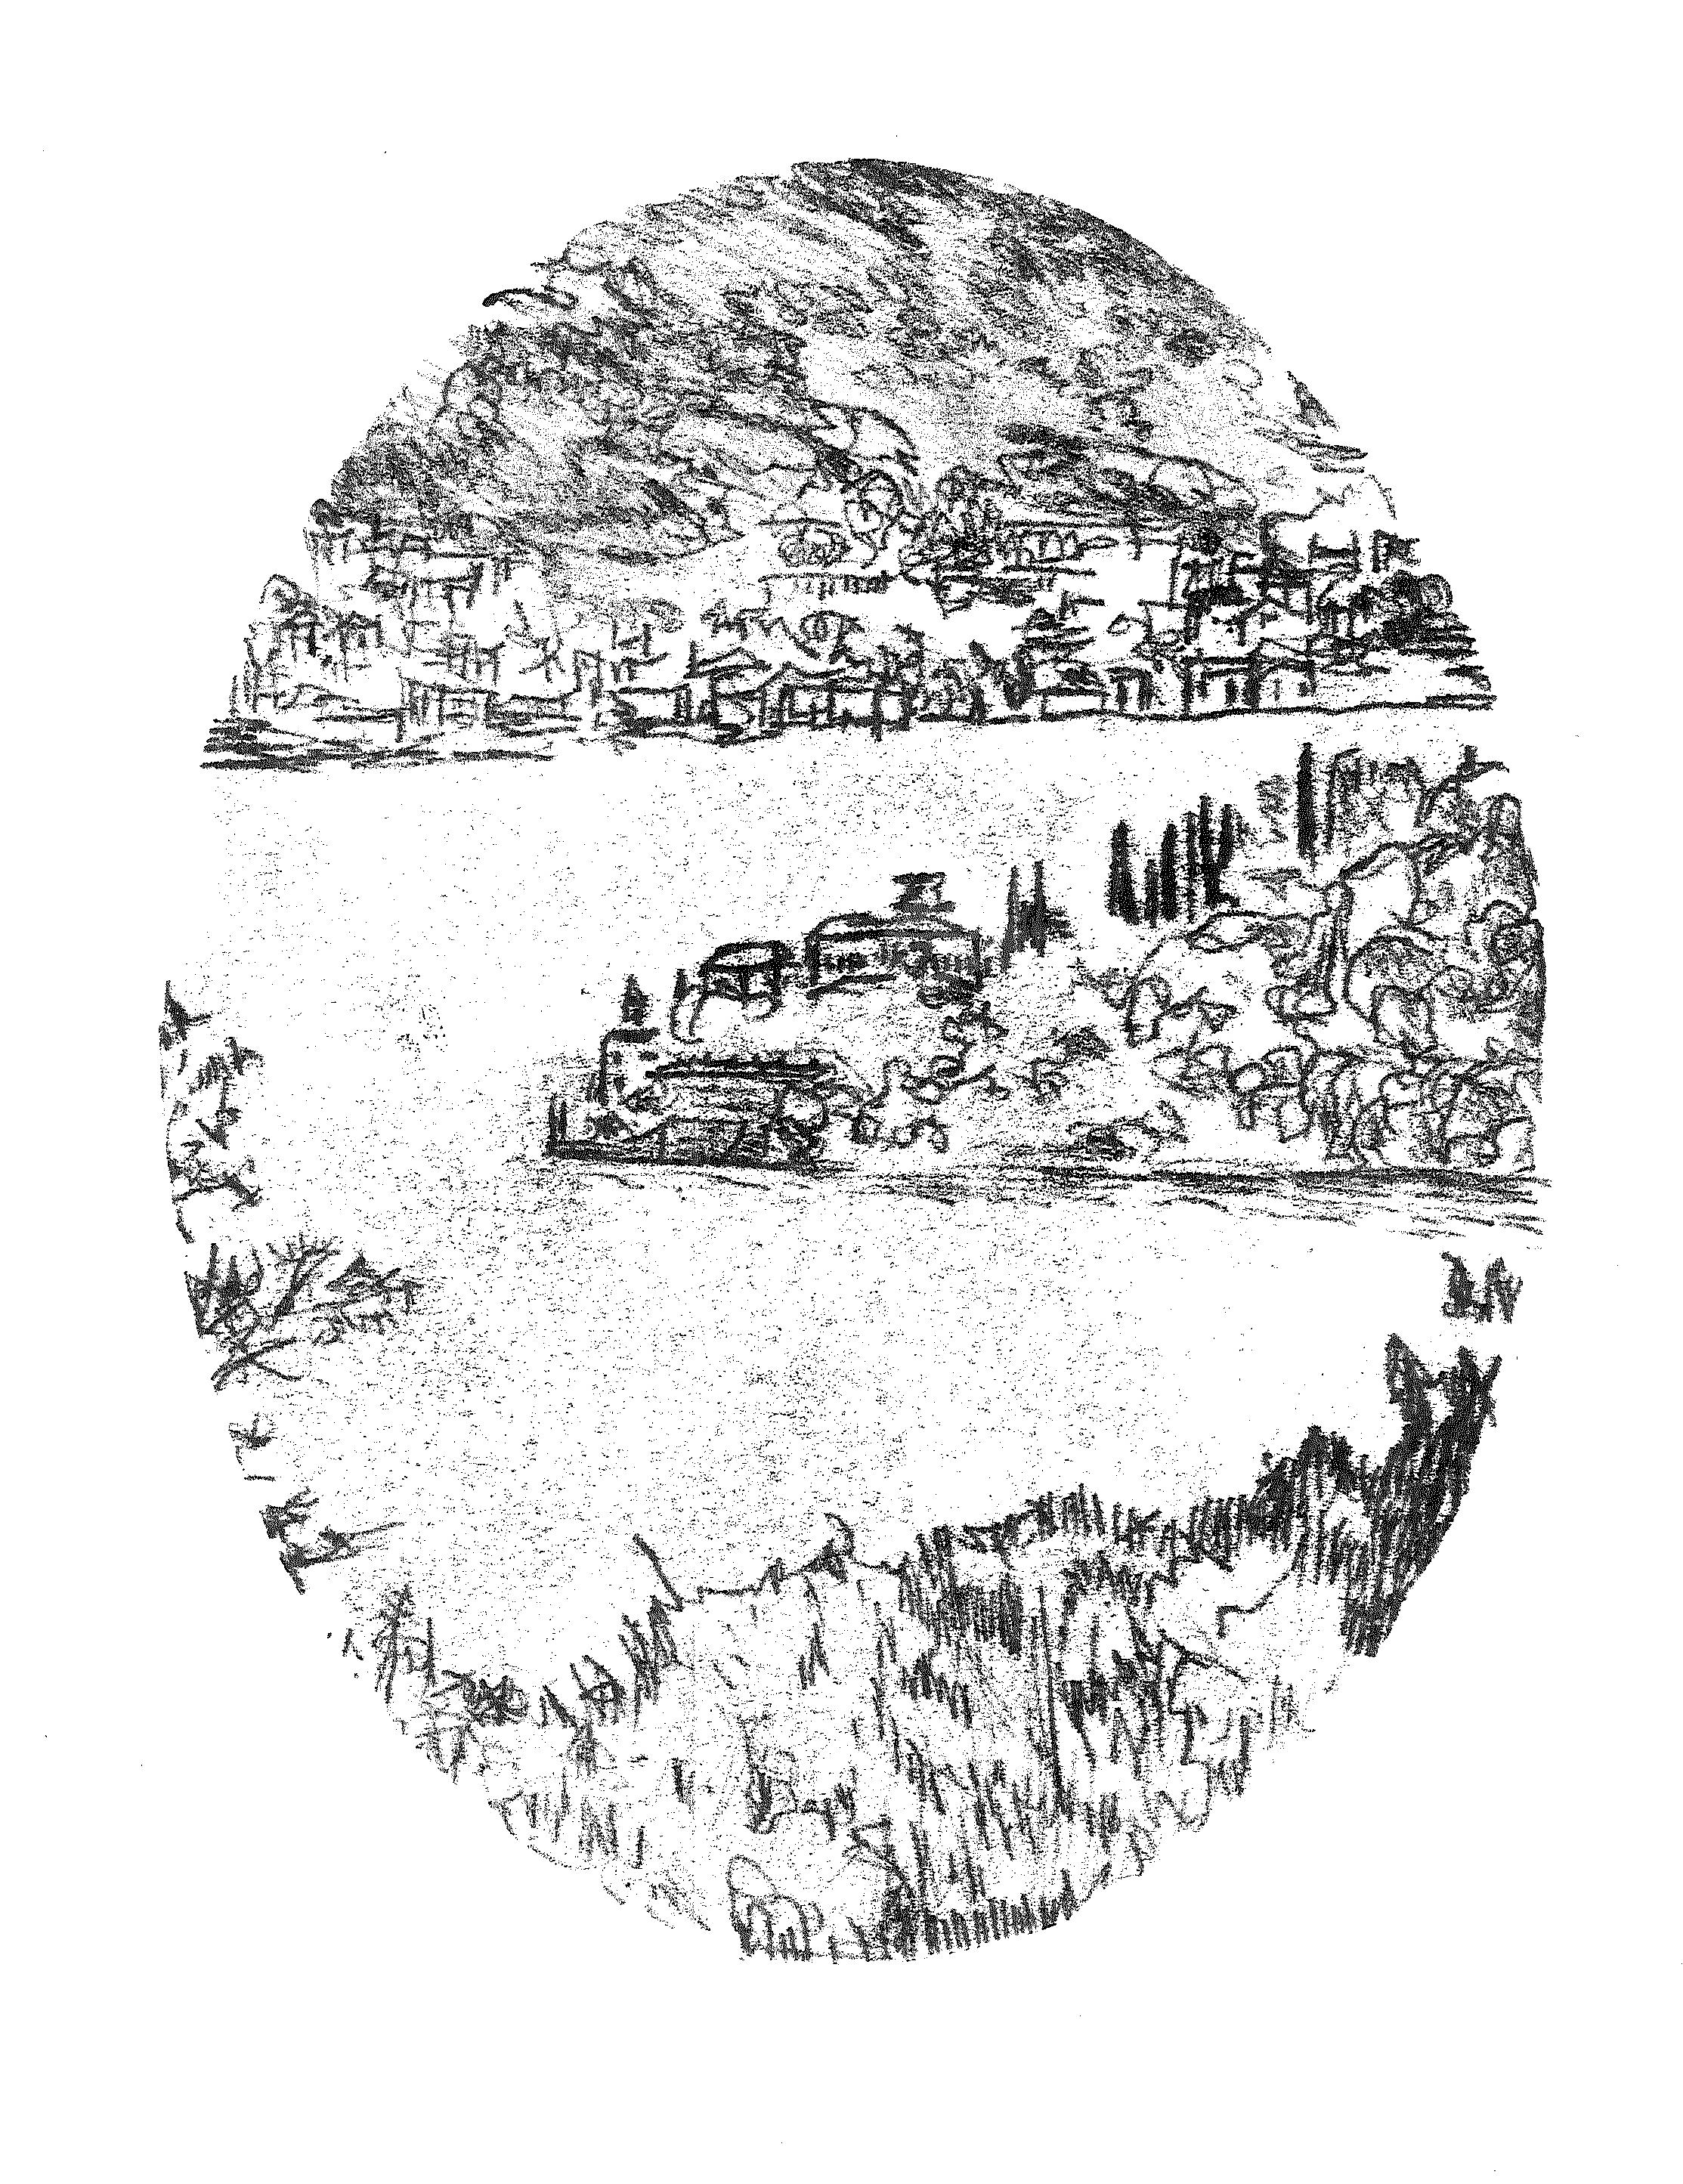 'Villa Balbianello, Lago di Como', 2015, monoprint on 183gsm cartridge paper, 21 x 29.5 cm